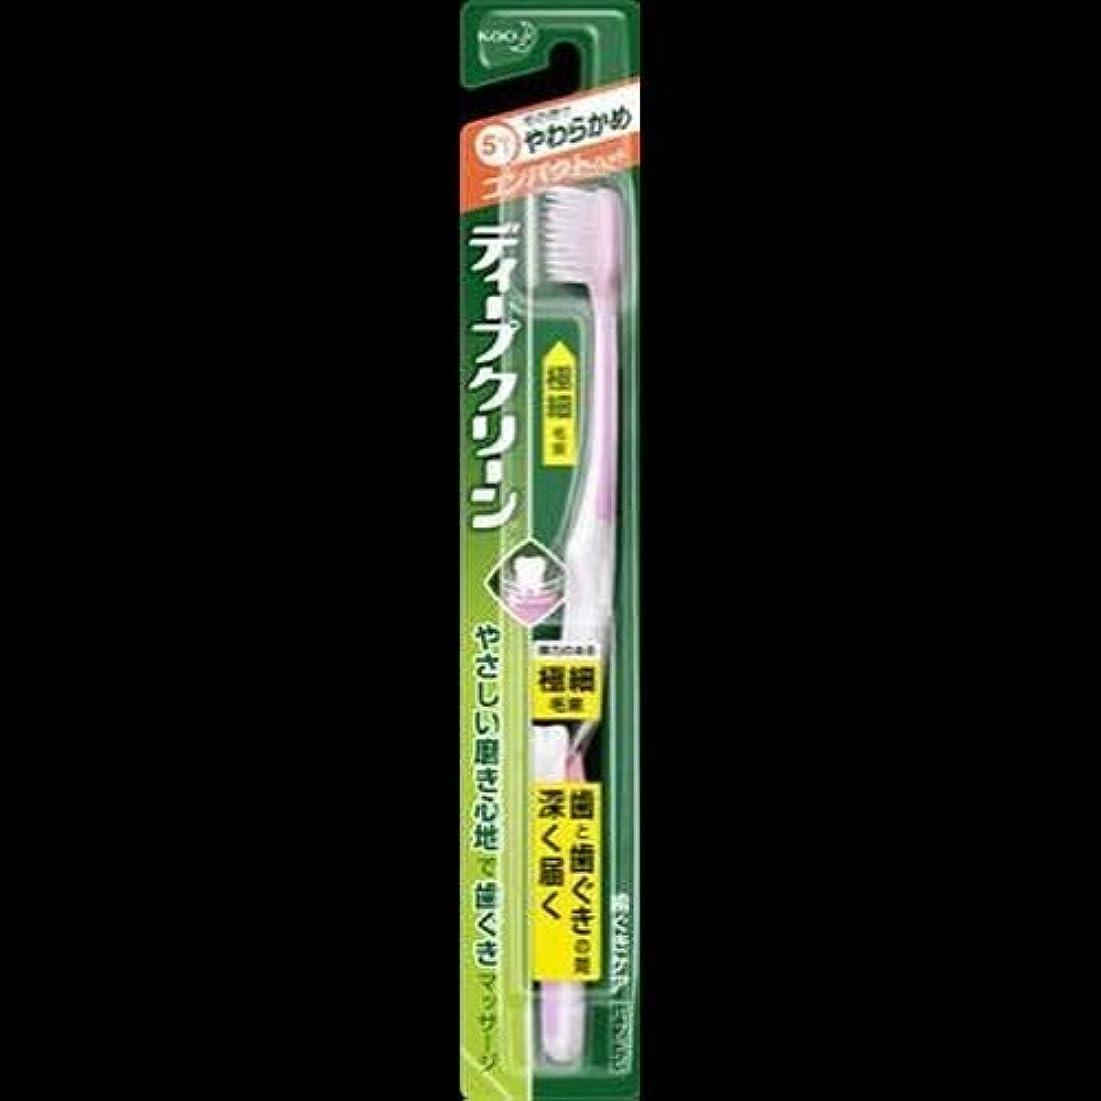 ショッキングスペシャリスト剣【まとめ買い】ディープクリーン ハブラシ コンパクト やわらかめ ×2セット